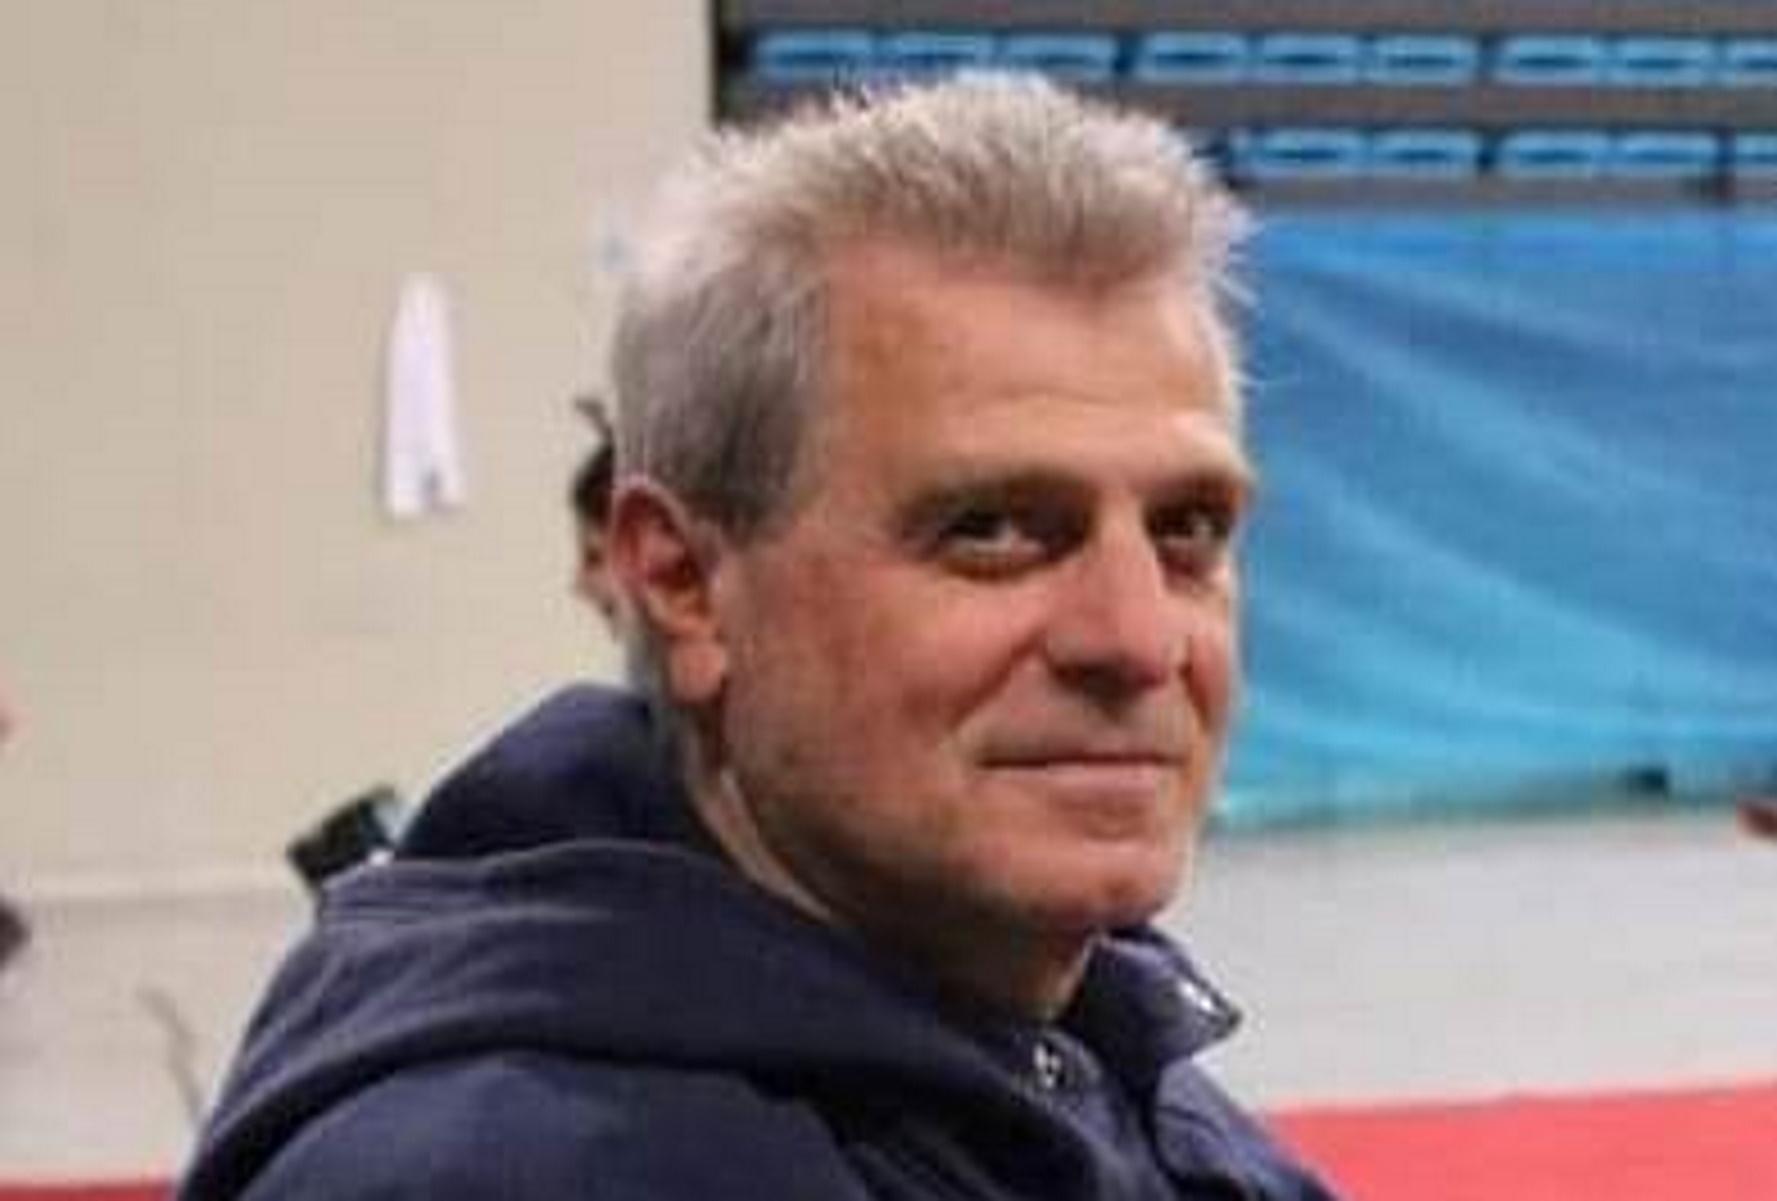 Κορονοϊός: Σοκαρισμένη η Πιερία από τον θάνατο του 55χρονου αρχιφύλακα πρωταθλητή πολεμικών τεχνών